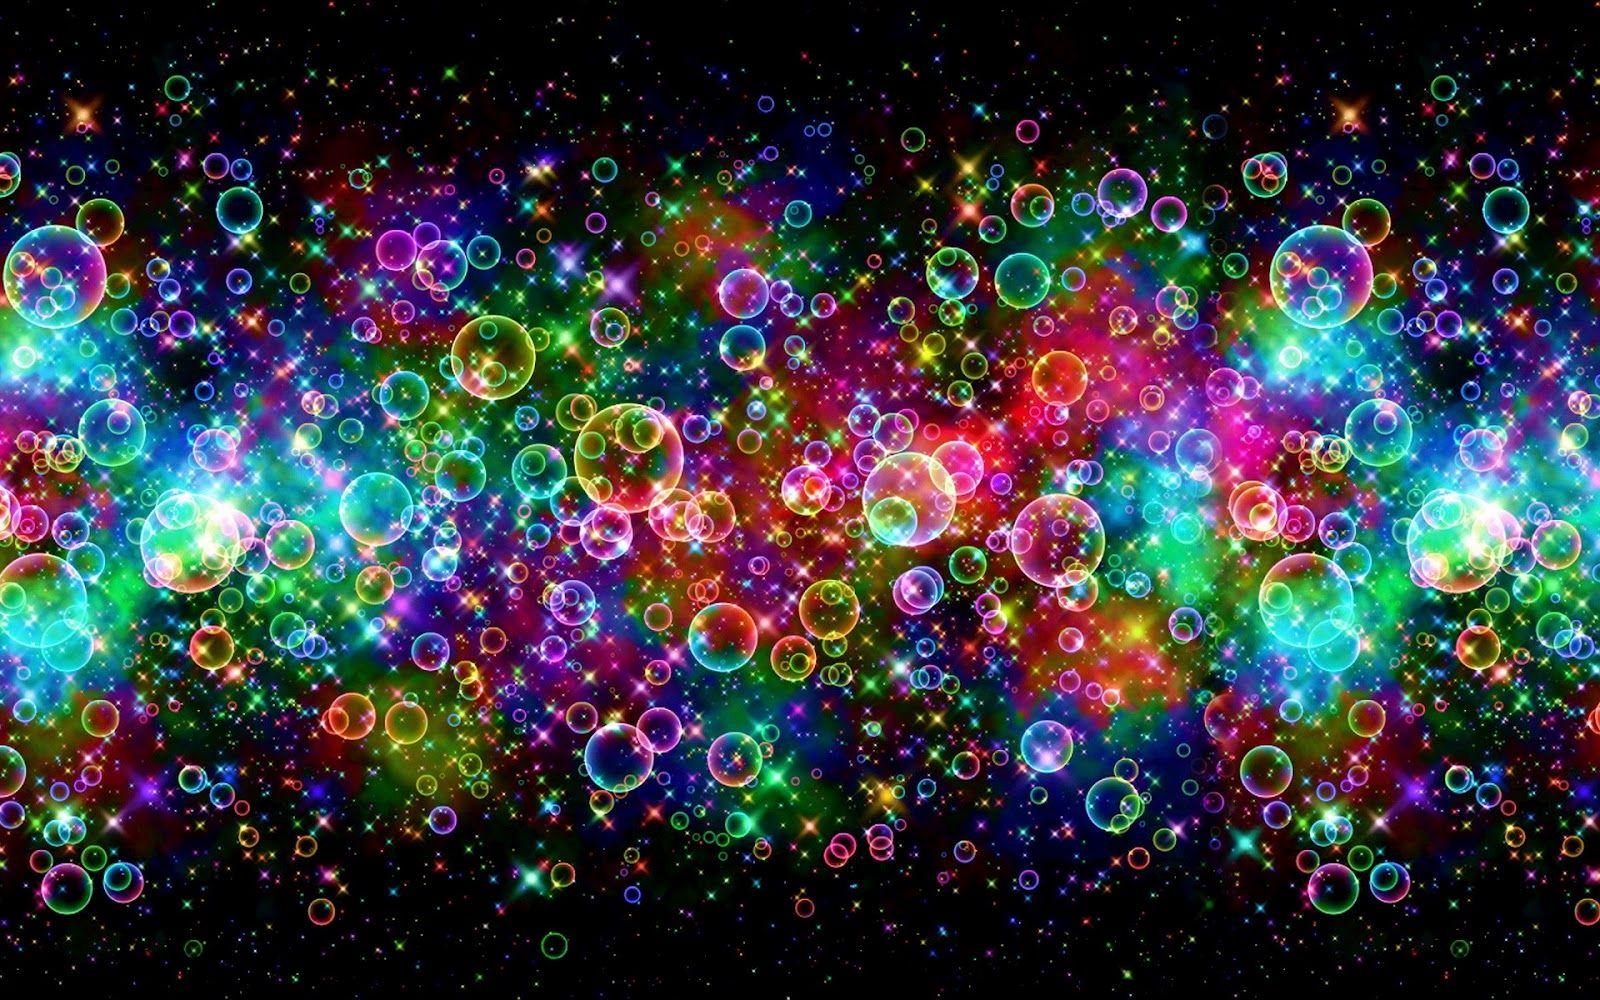 Imagenes De Fondo Flores Para Pantalla Hd 2: Burbujas De Colores Fondos De Pantalla Hd Hd